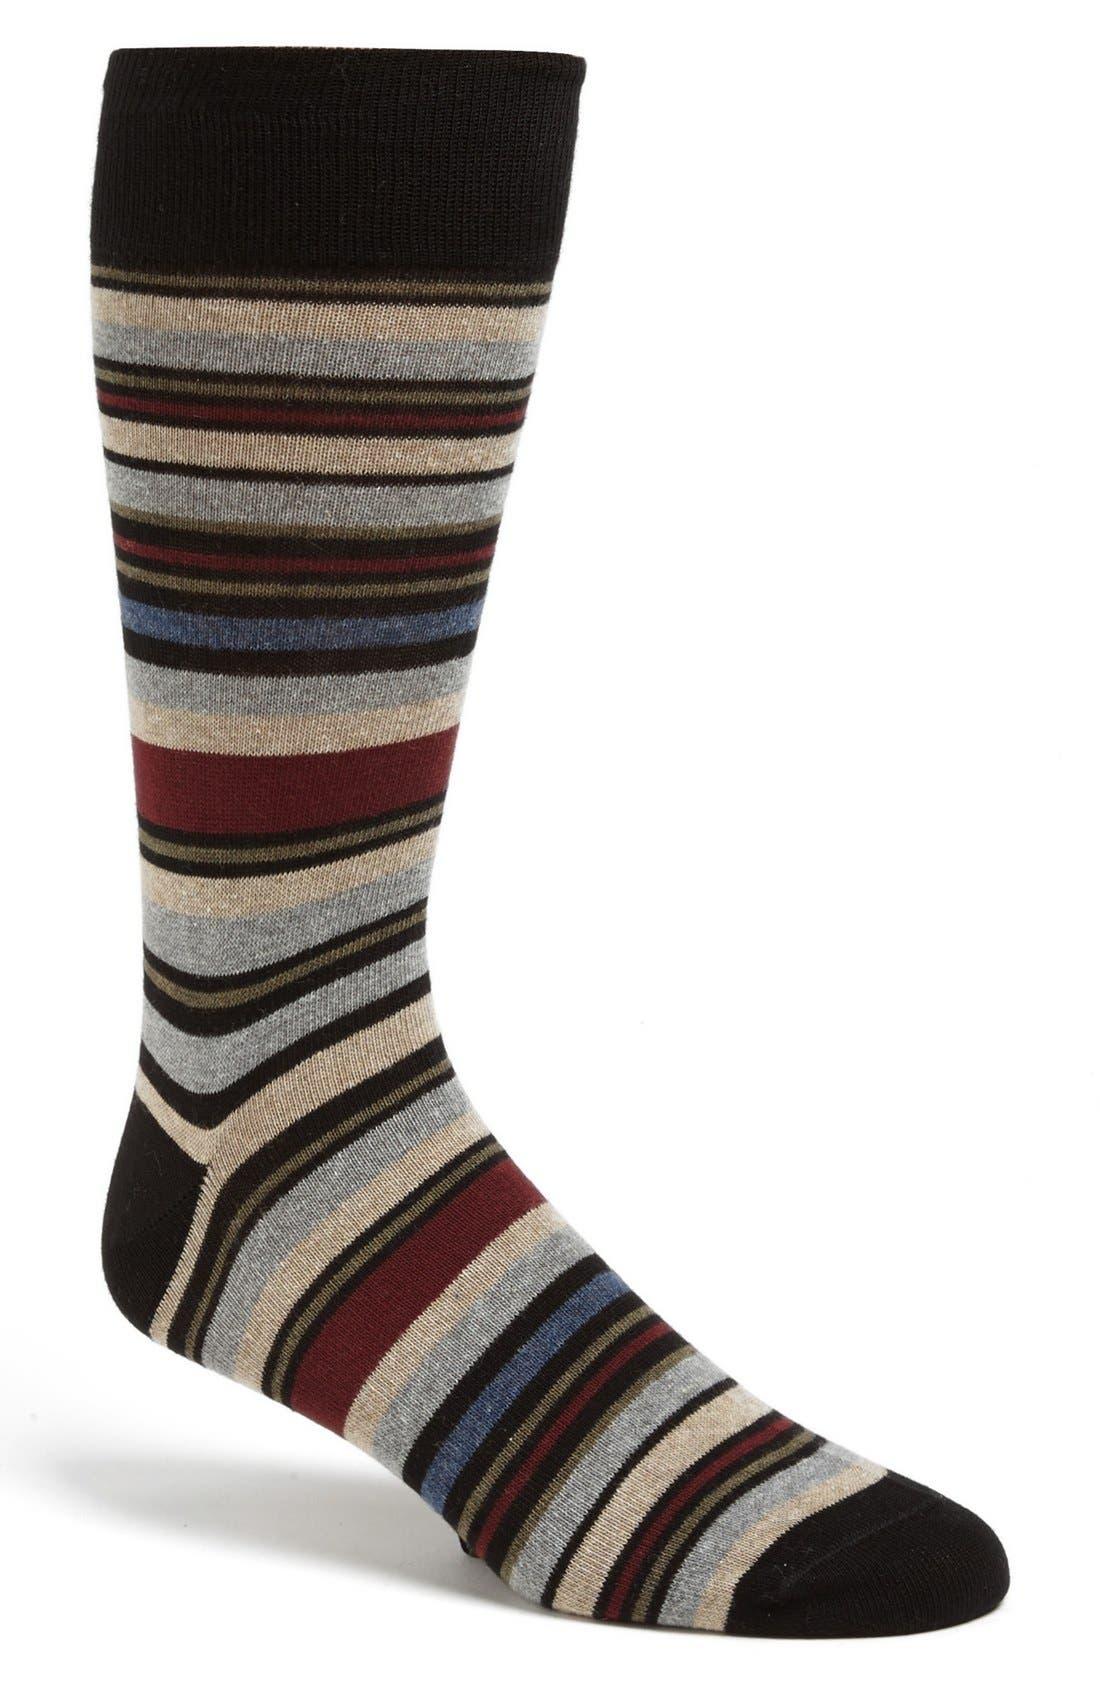 Alternate Image 1 Selected - Lorenzo Uomo Stripe Socks (3 for $30)